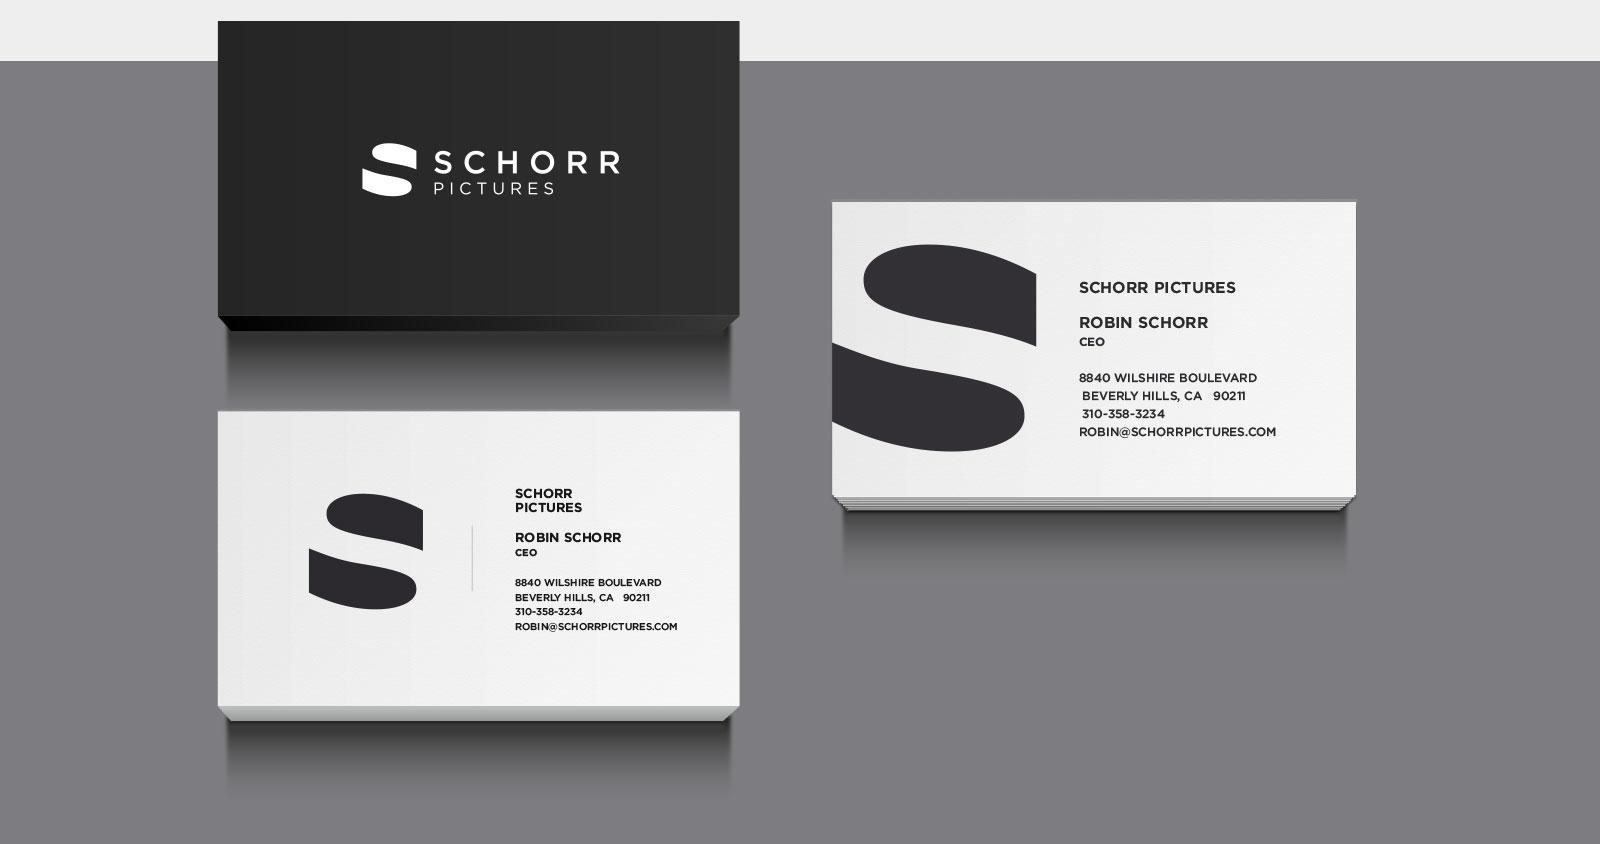 Schorr_3